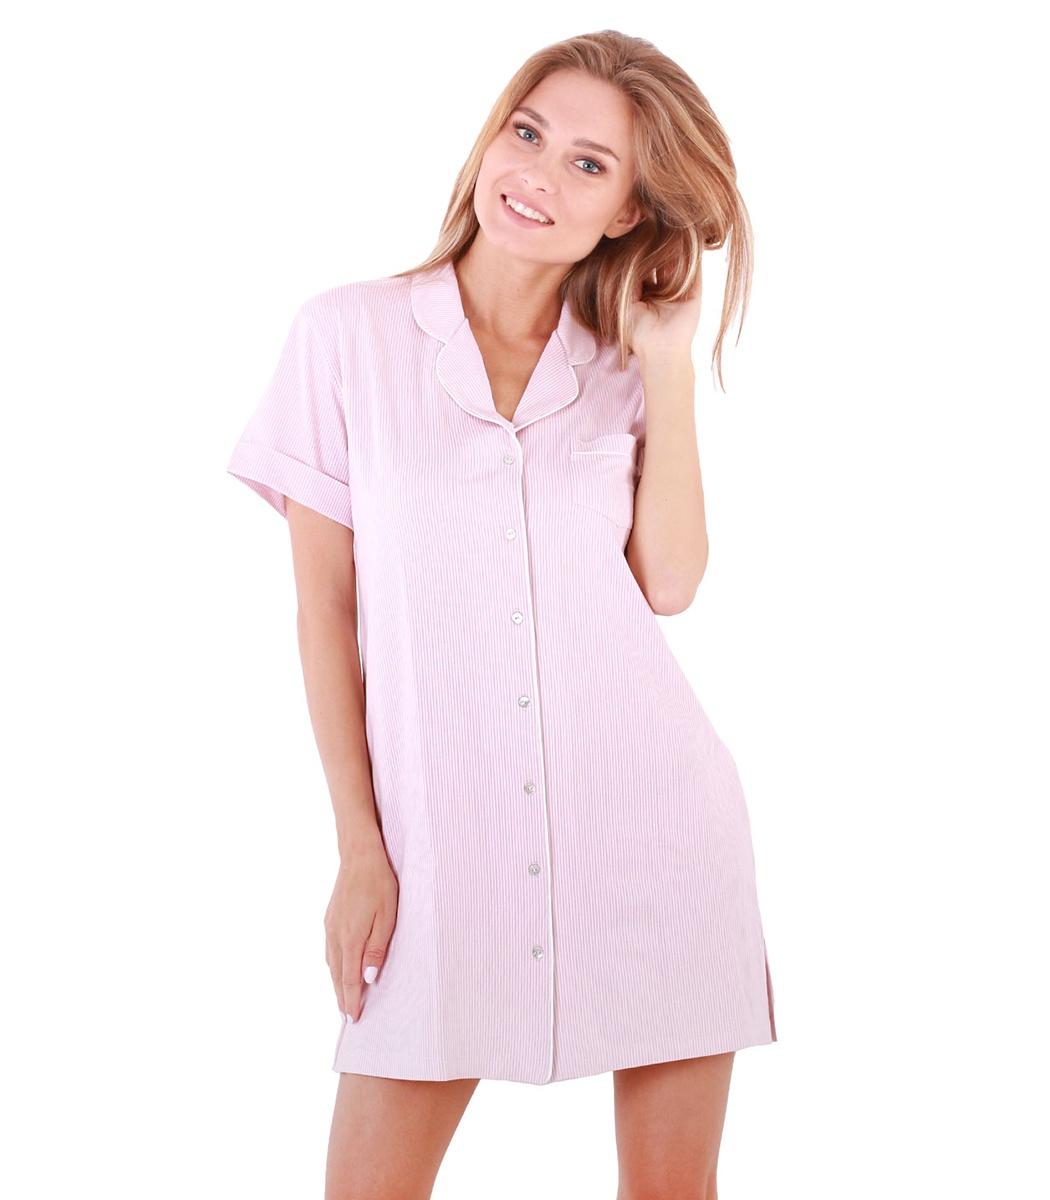 цены на Платье домашнее  в интернет-магазинах